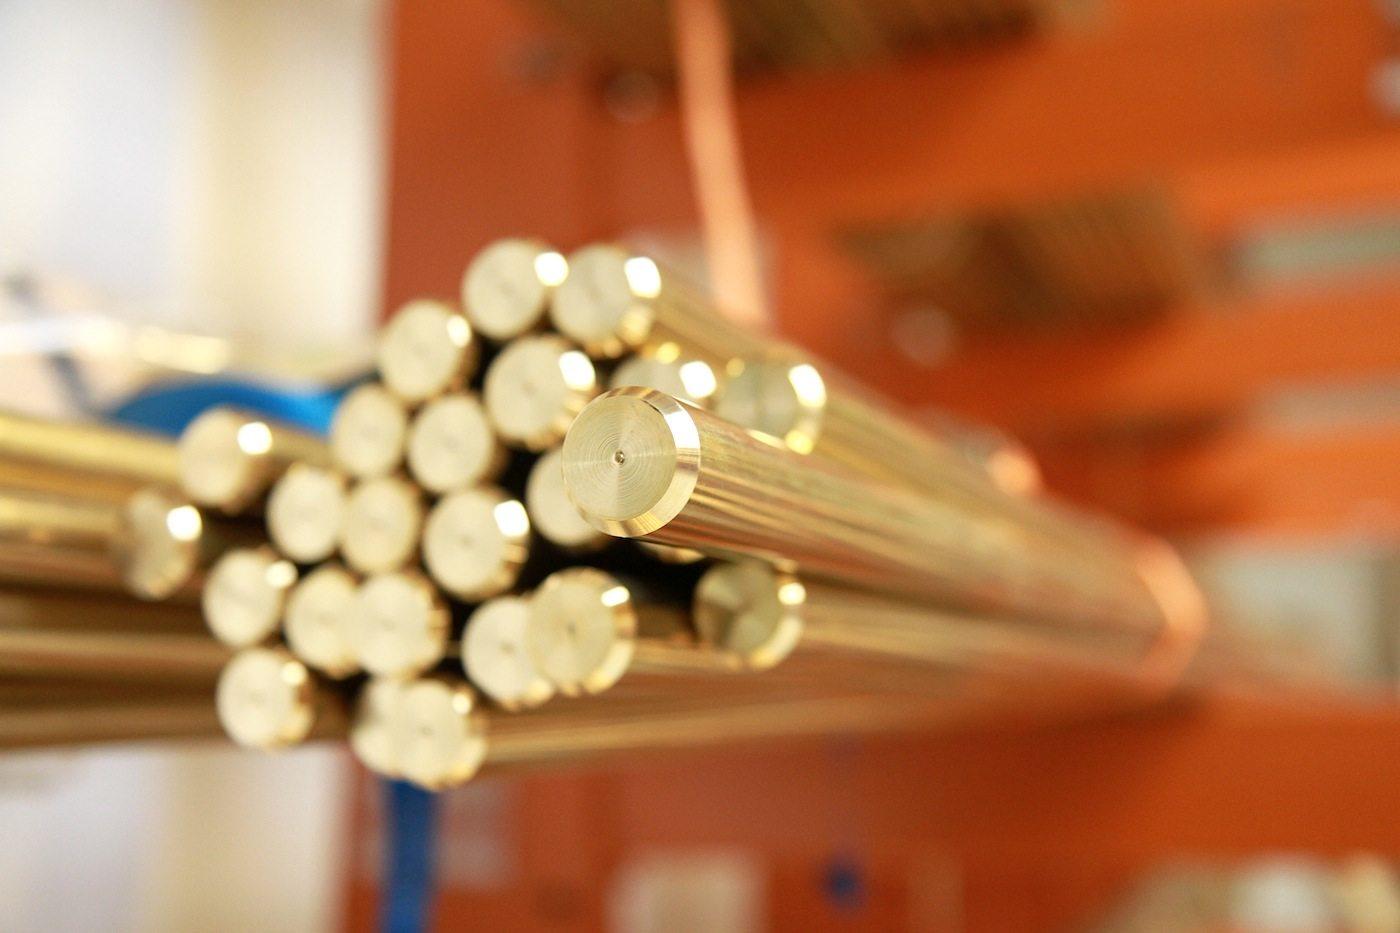 Vola Produktion.  Alle Armaturen und Mischbatterien entsprechen der Norm AB 1953 des Health and Safety Code of California und bestehen aus bleifreiem Messing.